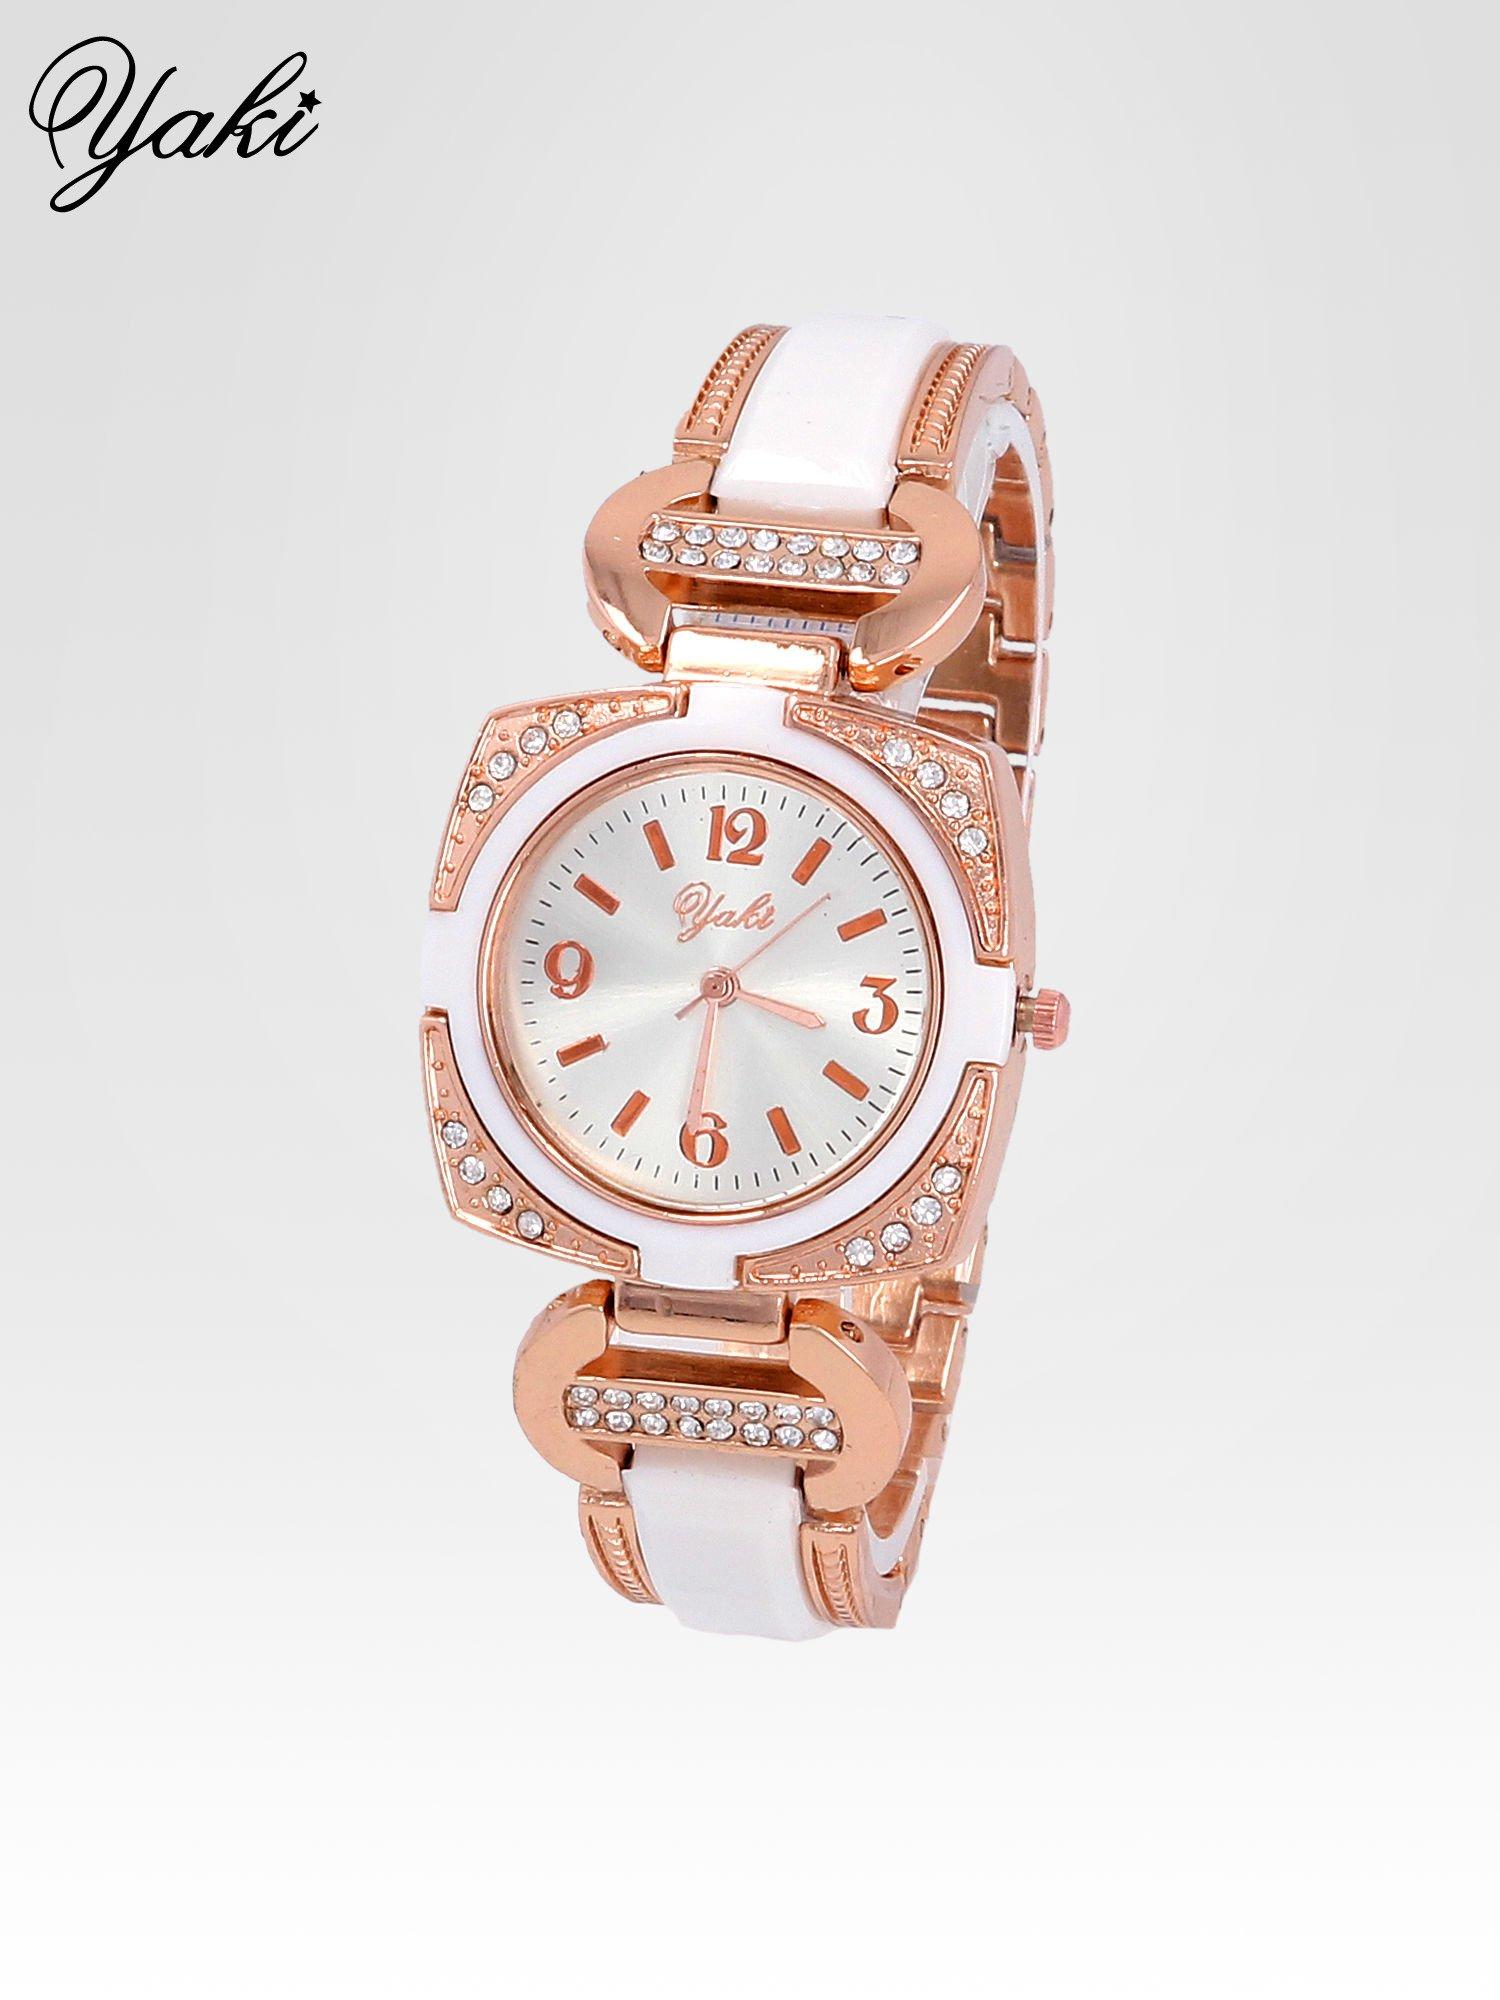 Biżuteryjny zegarek damski w kolorze różowego złota z łączonych materiałów                                  zdj.                                  2